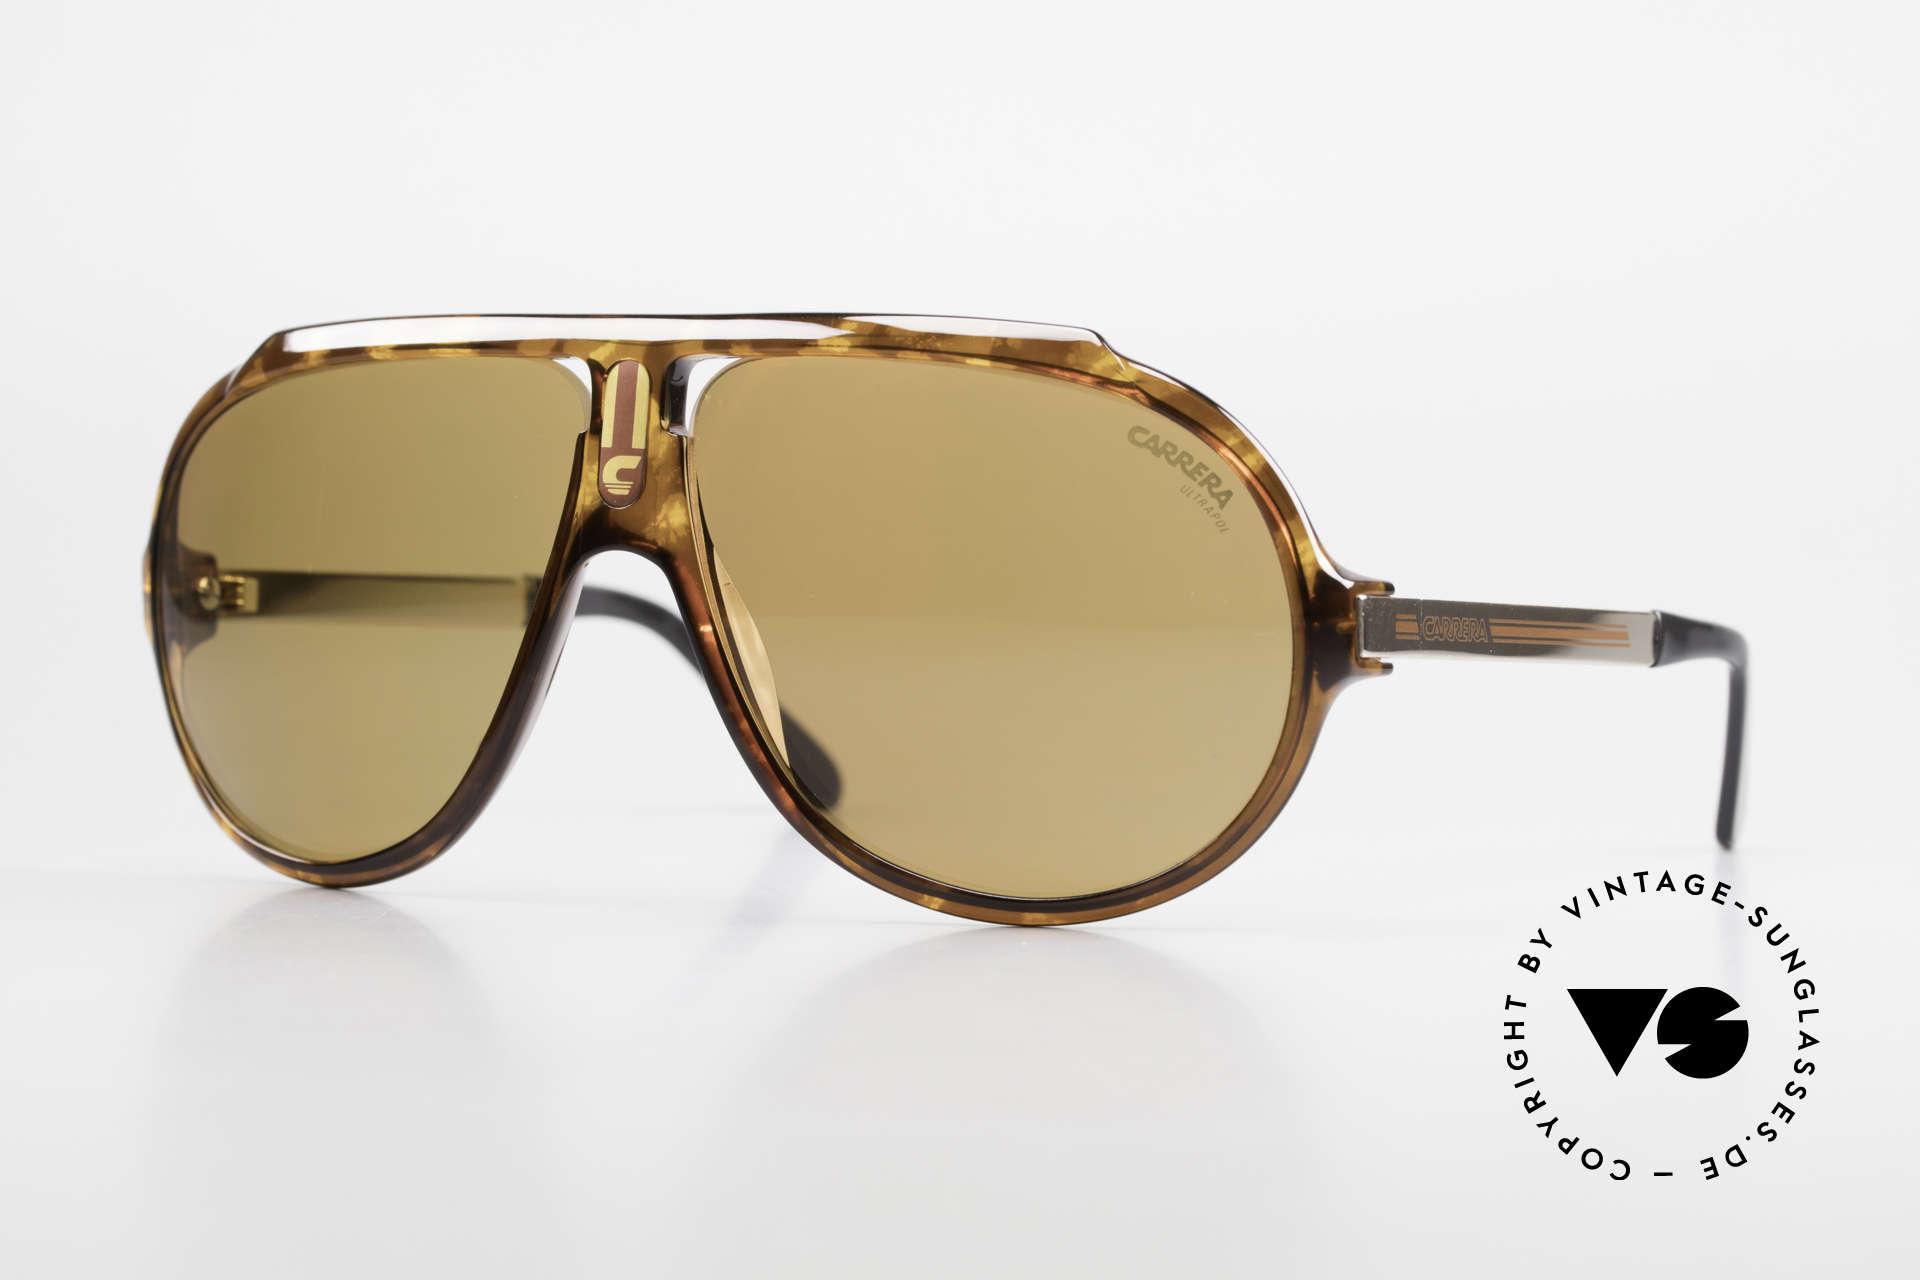 Carrera 5512 Polarized UltraPol Sun Lenses, legendary 1980's vintage CARRERA designer sunglasses, Made for Men